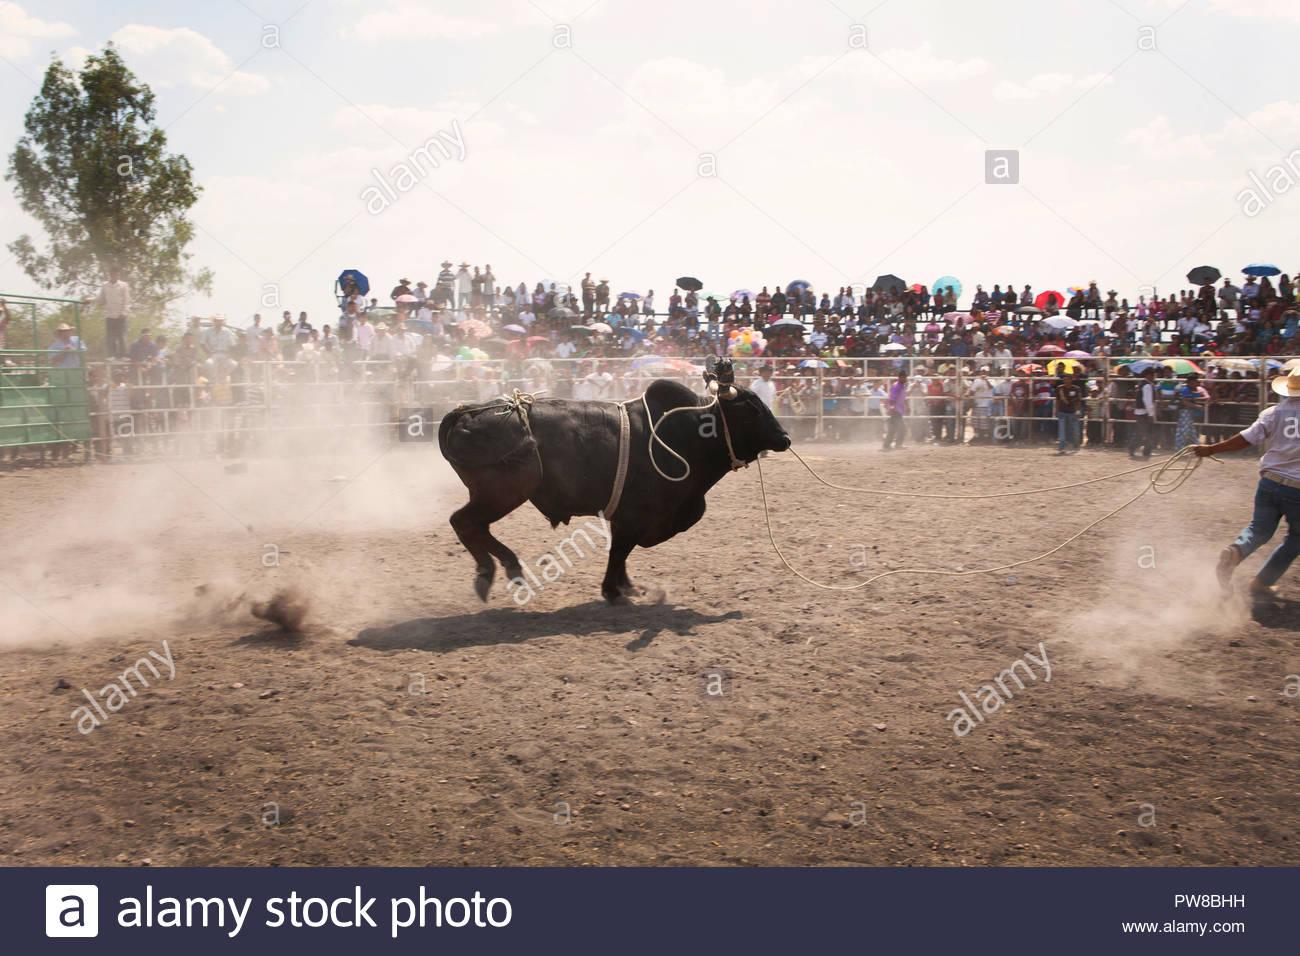 Mexican Charros Charreada Mexican Rodeo Stock Photos